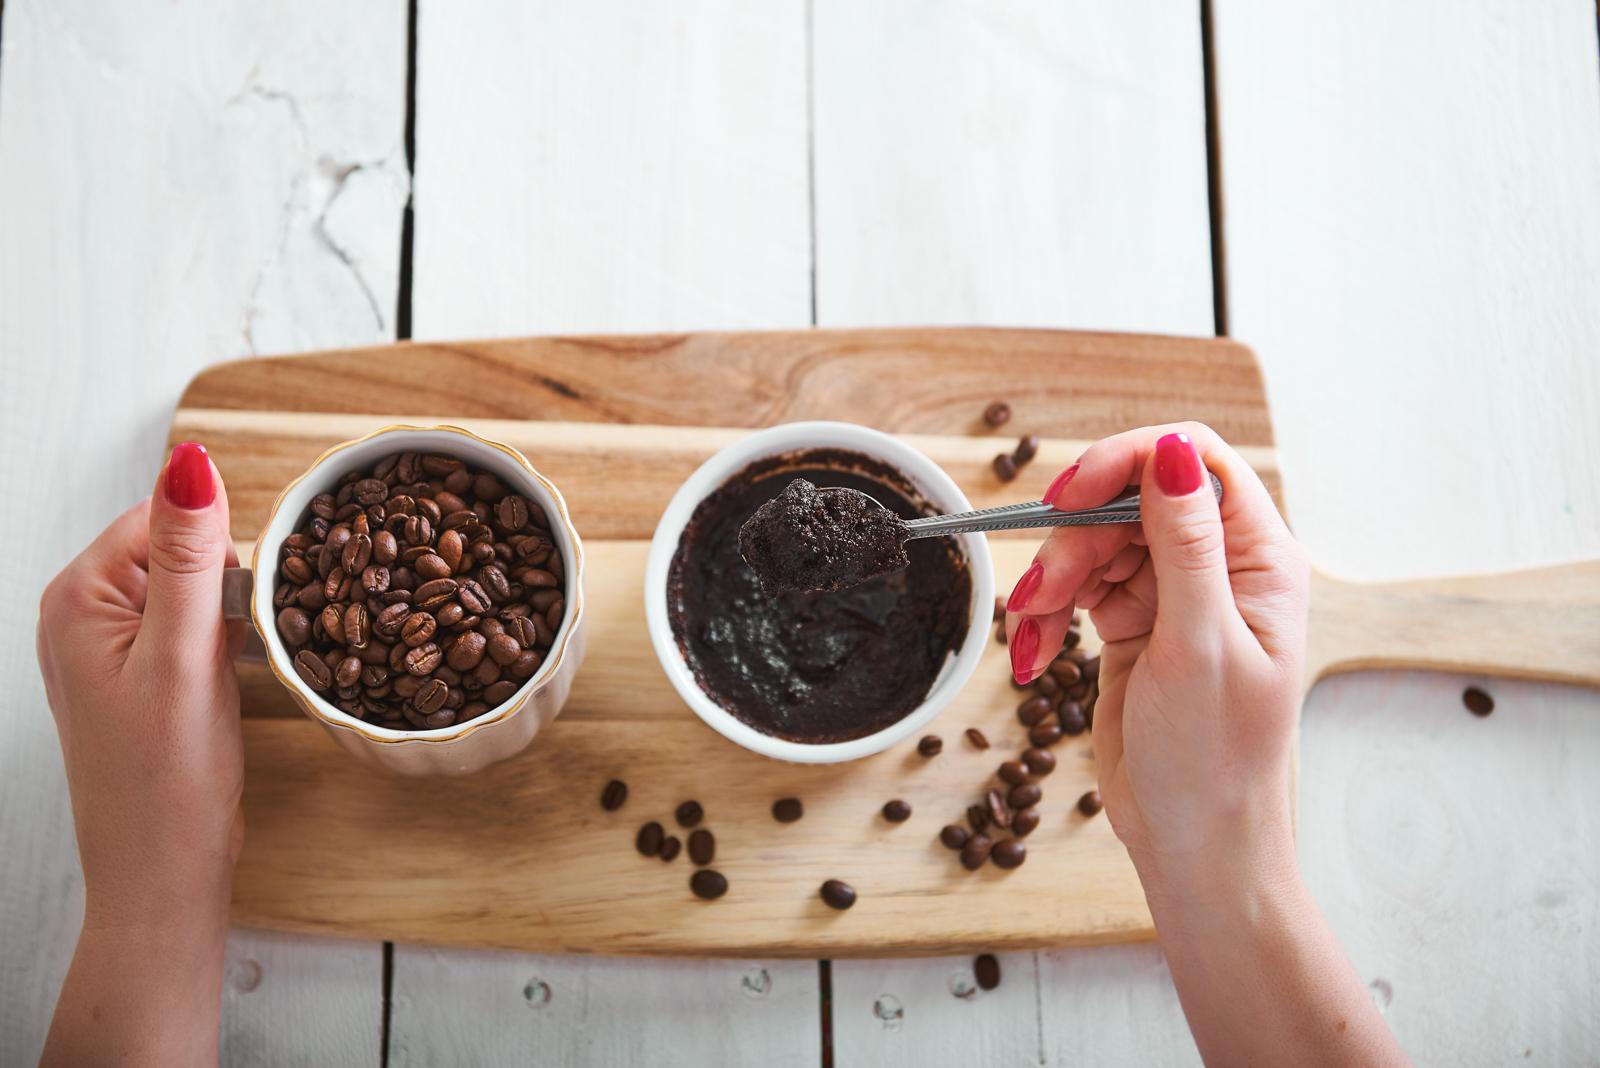 Do Czego Można Wykorzystać Fusy Fusy Po Kawie Fusy Po